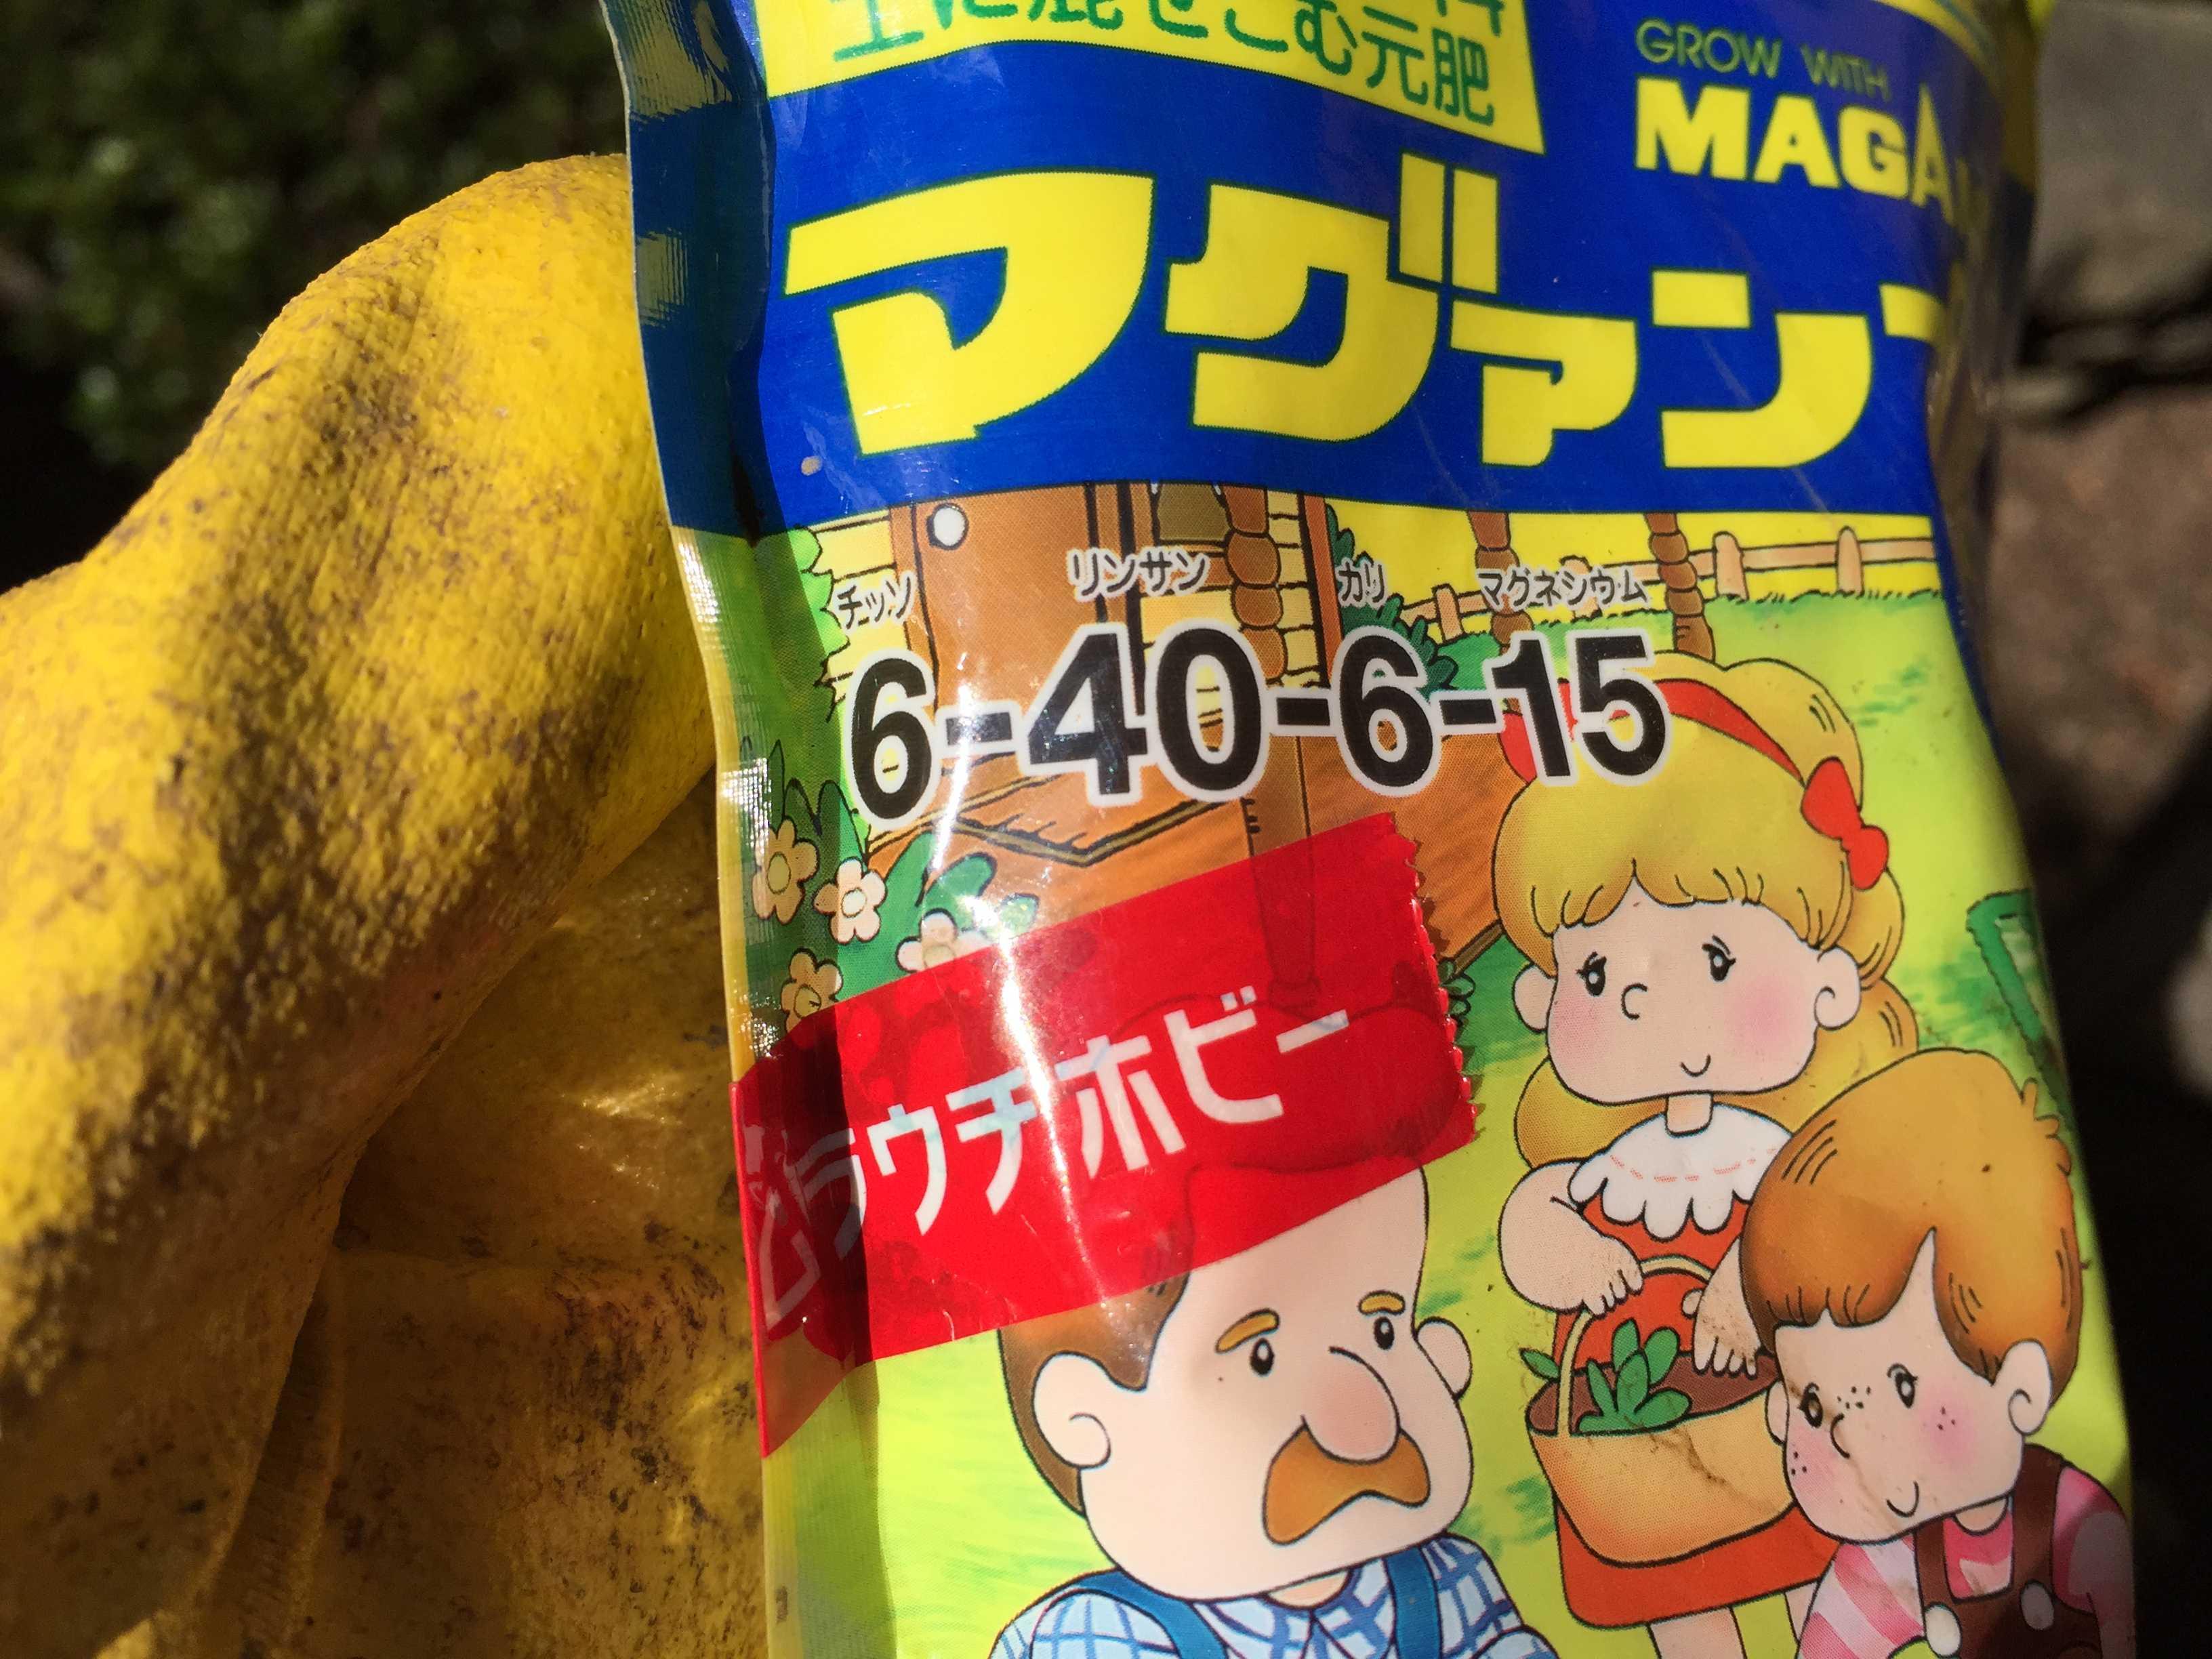 ヤマユリ庭植え - マグァンプK(リン酸主体の緩効性化成肥料)